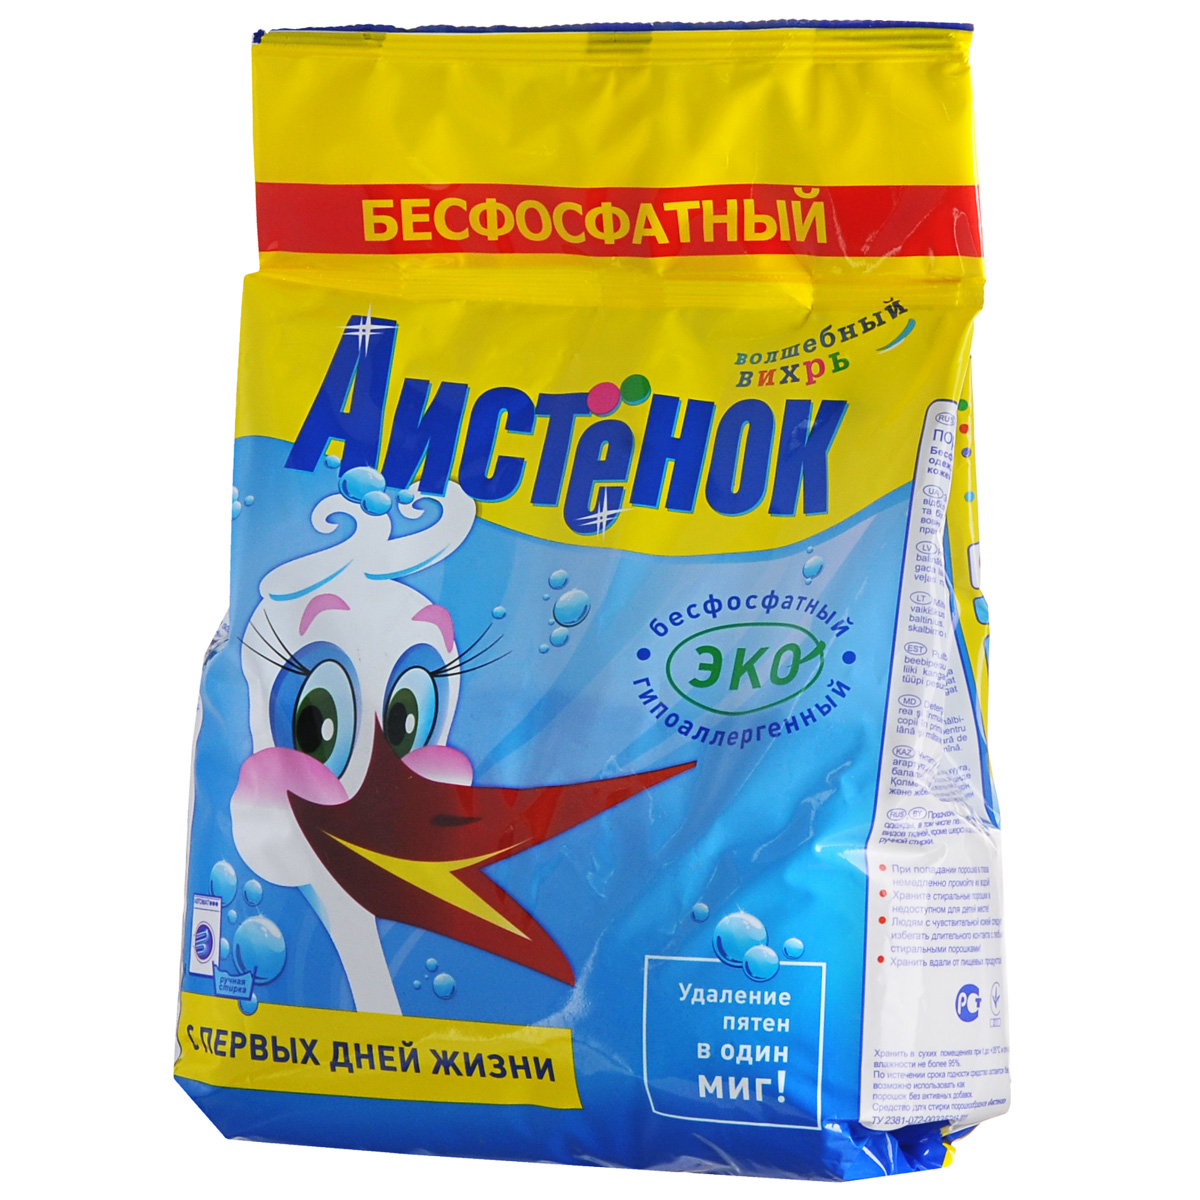 Детский стиральный порошок Аистенок, 2400 гGC204/30Благодаря натуральному детскому мылу, входящему в состав специальной улучшенной формулы порошка Аистенок, он полностью выполаскивается и не вызывает аллергических реакций у ребенка. Активный компонент Bio-Soft бесследно удаляет белковые, жировые и крахмальные пятна. Мягкий кислородный отбеливатель обеспечивает ослепительную белизну белья. Сочетание натуральных компонентов и мягкого отбеливателя позволяет сохранять структуру и прочность ткани длительное время. Товар сертифицирован.